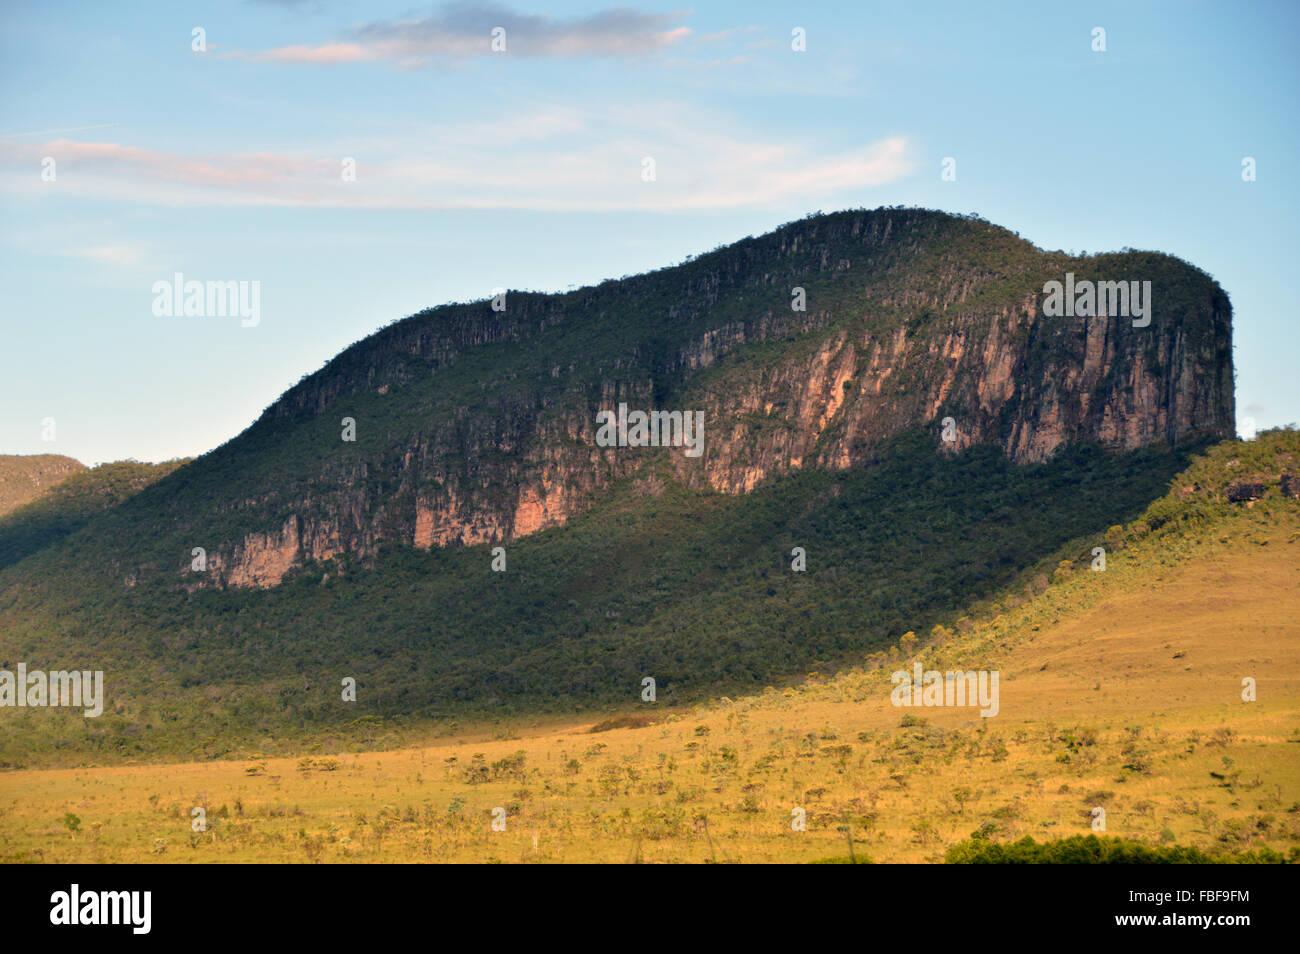 Baleia mountain or whale mountain at chapada dos veadeiros Goias Brazil - Stock Image